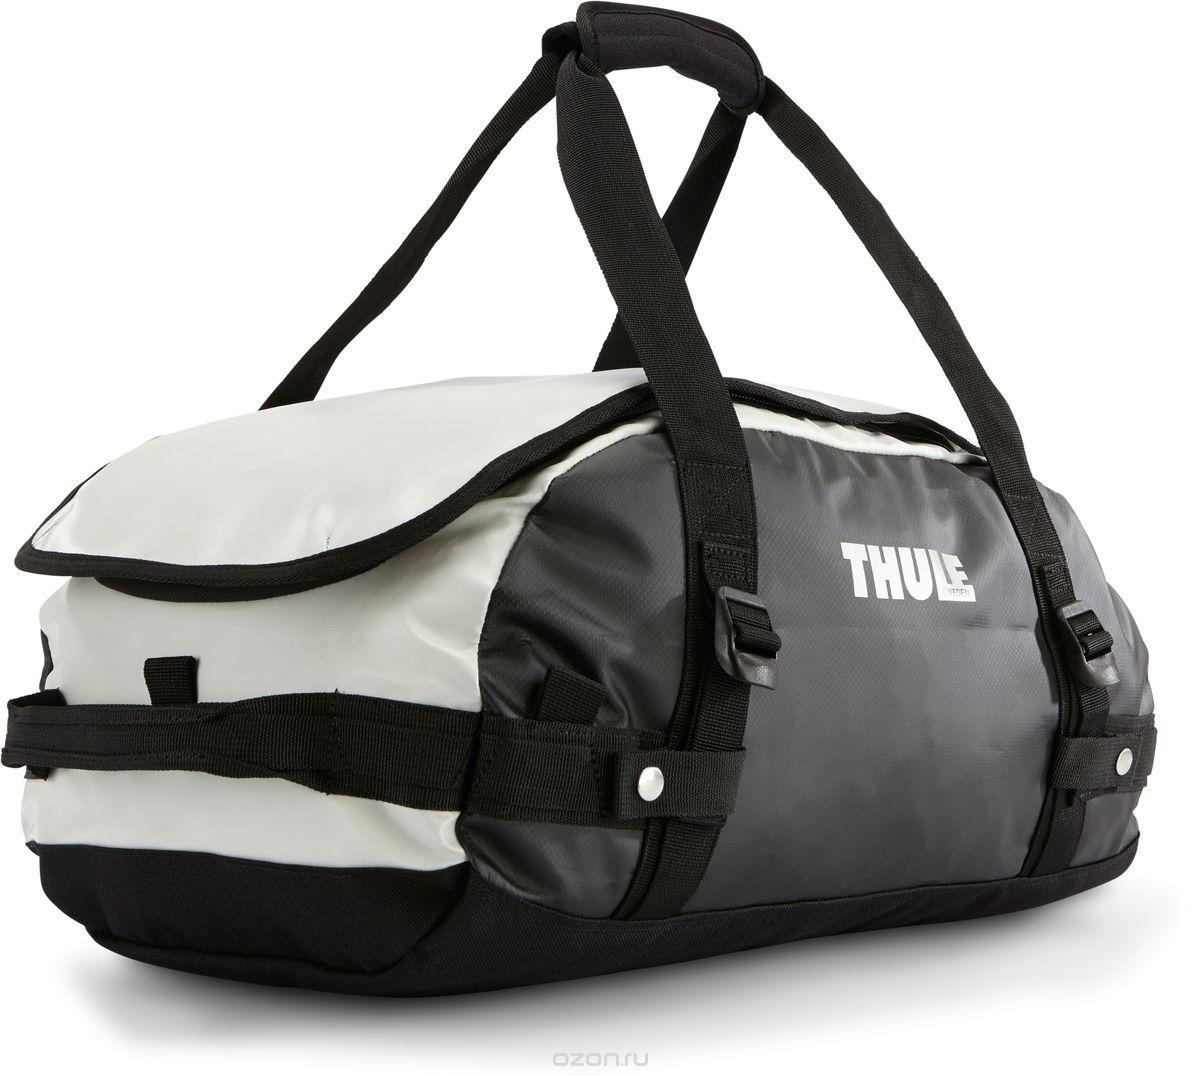 Туристическая сумка-баул Thule Chasm XS, цвет: темно-серый, 27л201100Thule Chasm X-Small - Эти жесткие, устойчивые к неблагоприятным погодным условиям сумки с широко раскрывающимся основным отделением и съемными ремнями — ваши надежные спутники в любой поездке. Широко раскрывающееся отделение делает загрузку оборудования в сумку очень удобным. Боковые замки делают доступ к основному отделению удобным с любого угла Ремни складываются вдоль боковых сторон сумки. Ремни быстро превращают рюкзак в сумку. Прочная водонепроницаемая брезентовая ткань для удобной укладки вещей, которая легко складывается для хранения. Внутренние сетчатые карманы сохранят ваши вещи в порядке. Внешние фиксирующие ремни предотвращают содержимое сумки от падения на дно, когда она используется как рюкзак. Уплотненная нижняя часть сумки обеспечивает мягкое соприкосновение с землей. Блокировка застежки-молнии для защиты от воров (замок продается отдельно). Внешний сетчатый карман для небольших предметов.